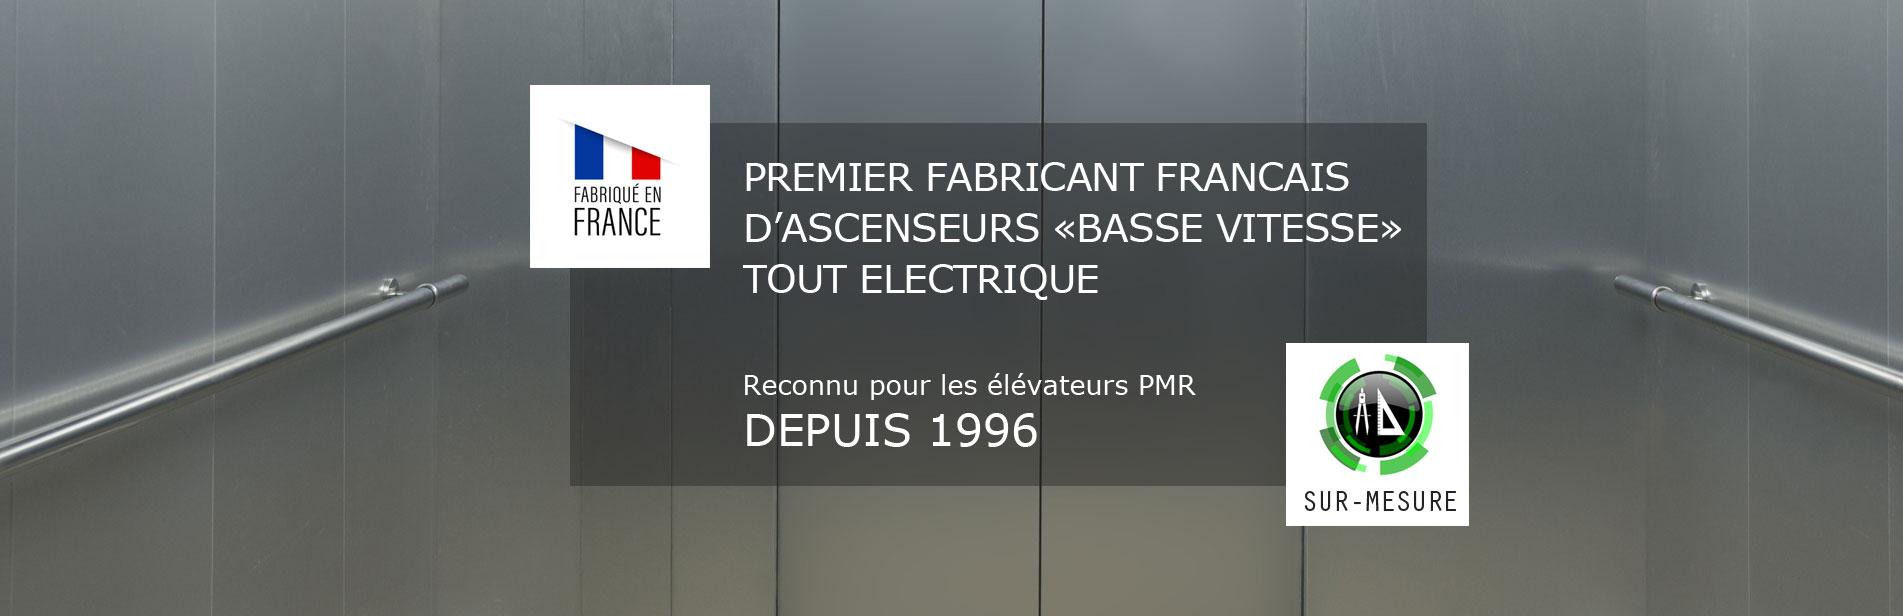 Slider-fabricant-ascenseur-francais-2